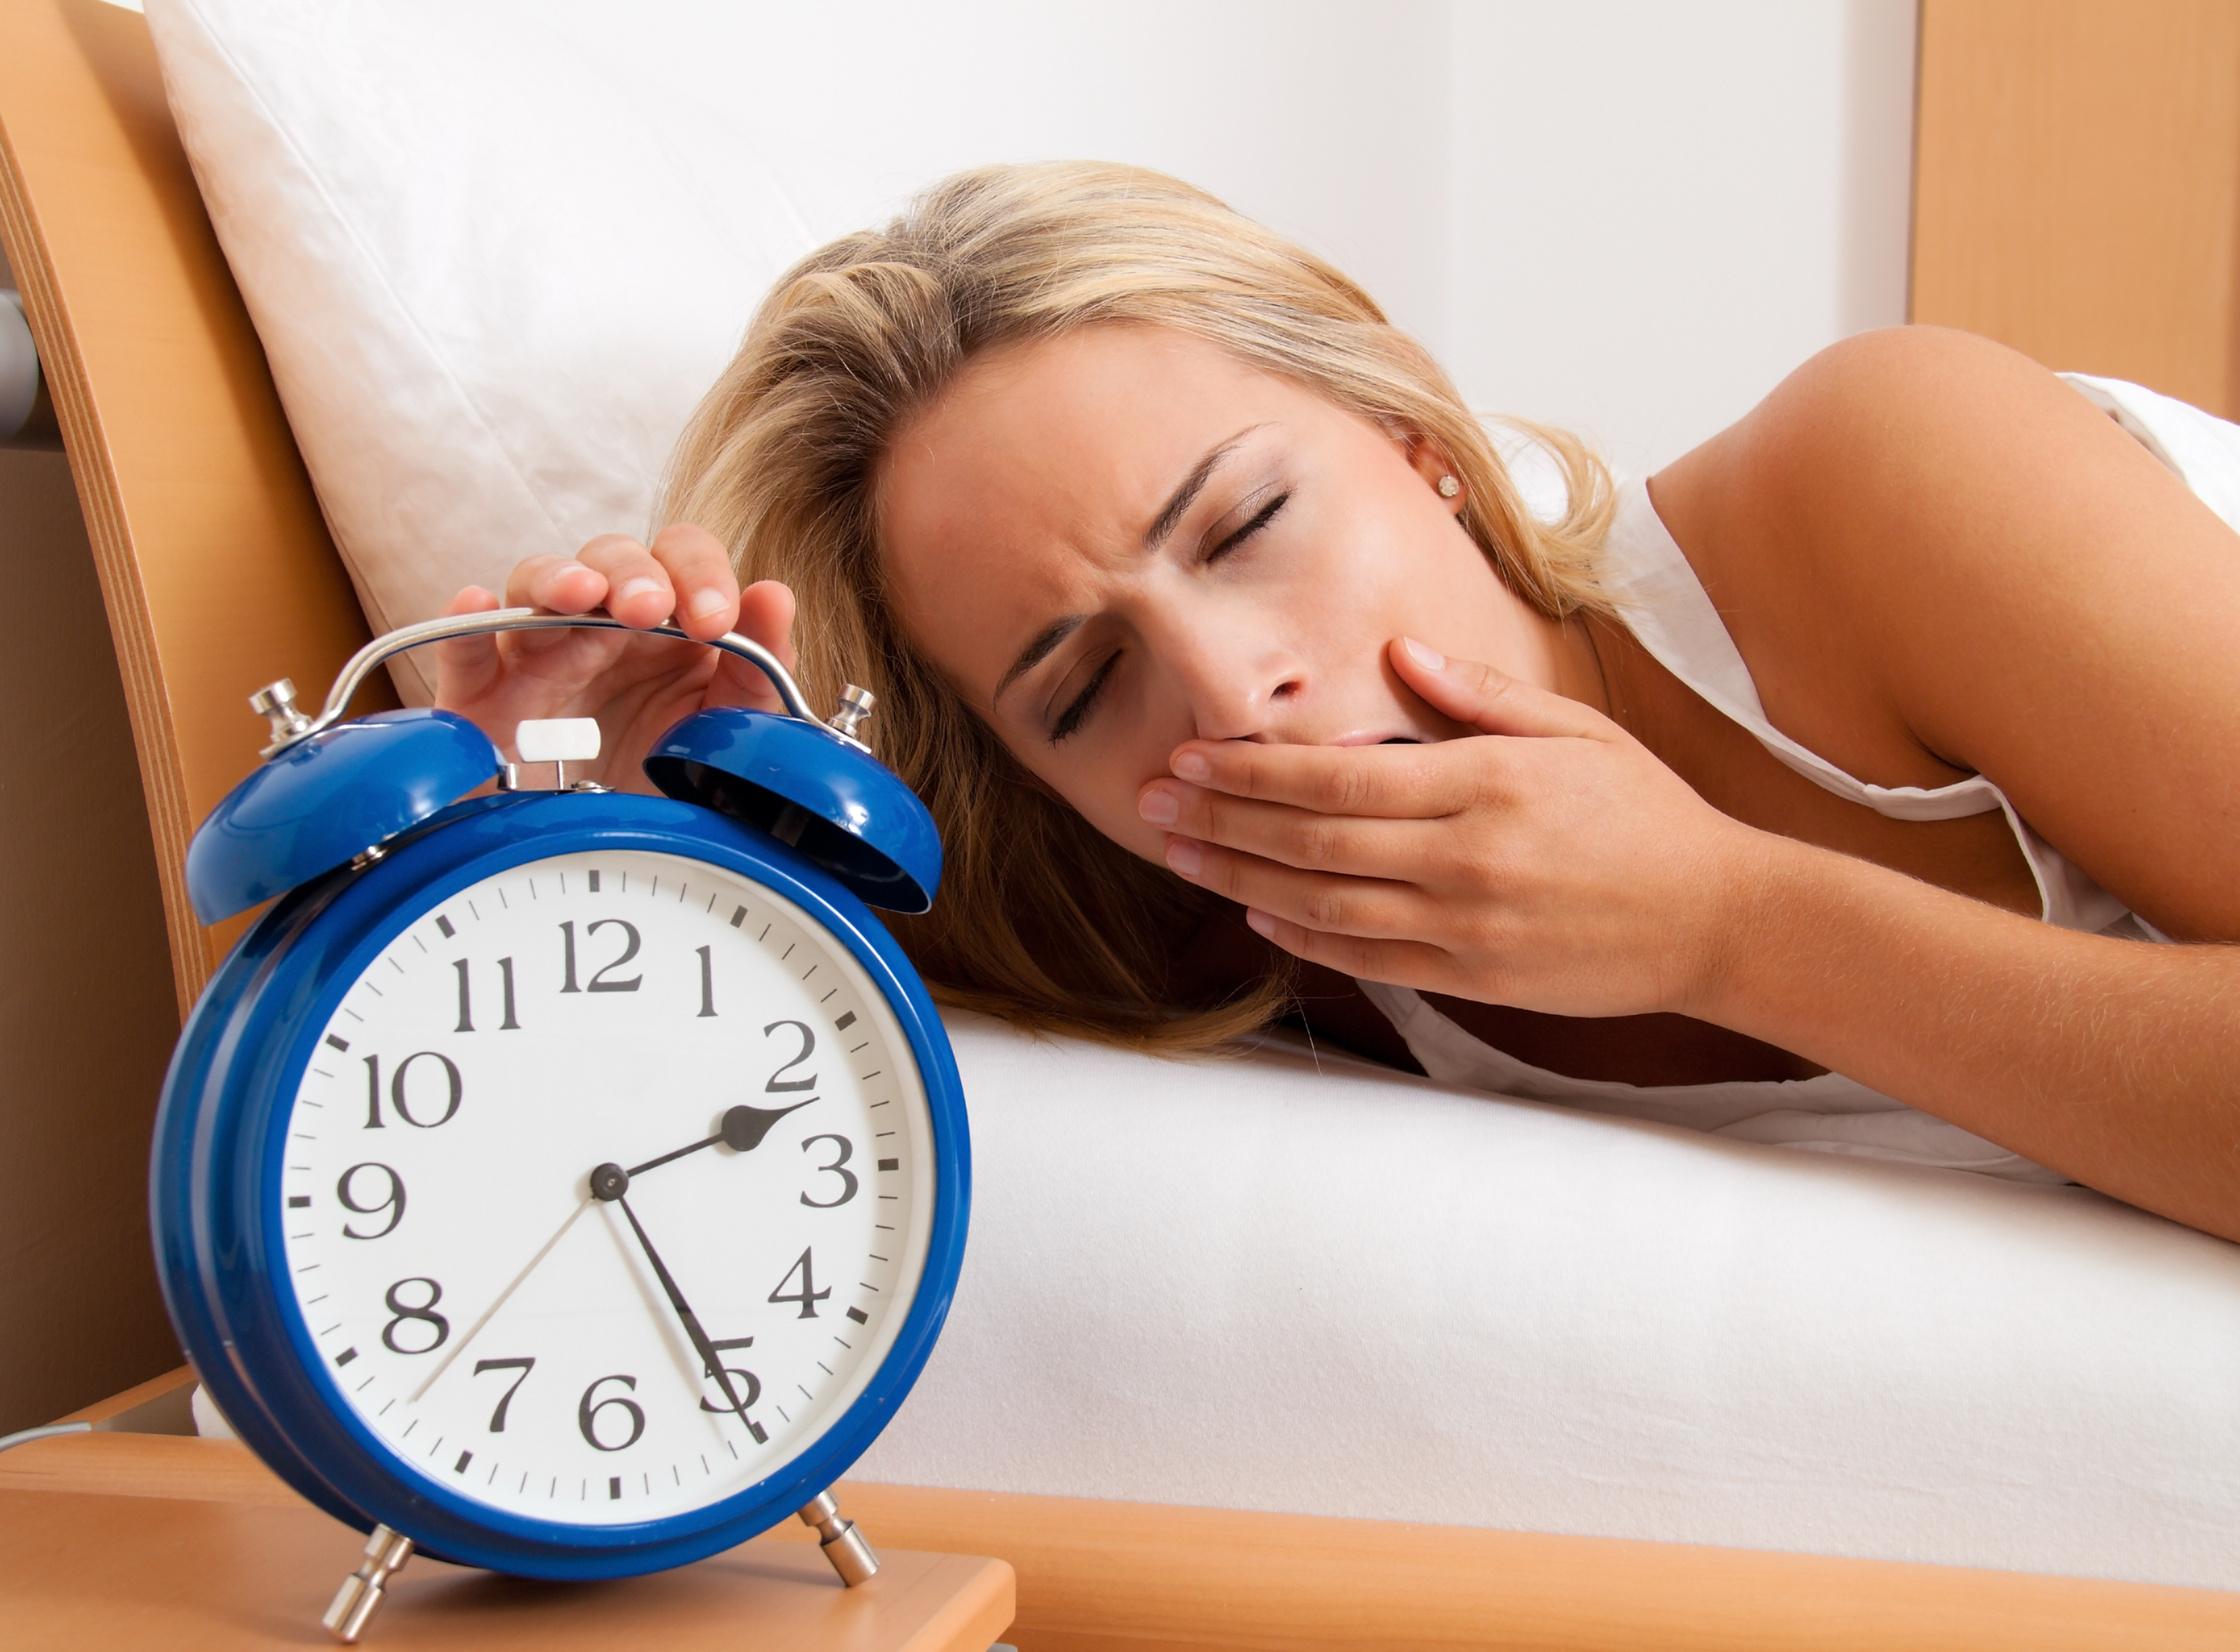 Как улучшить сон. самочувствие днем напрямую связано с качеством сна.